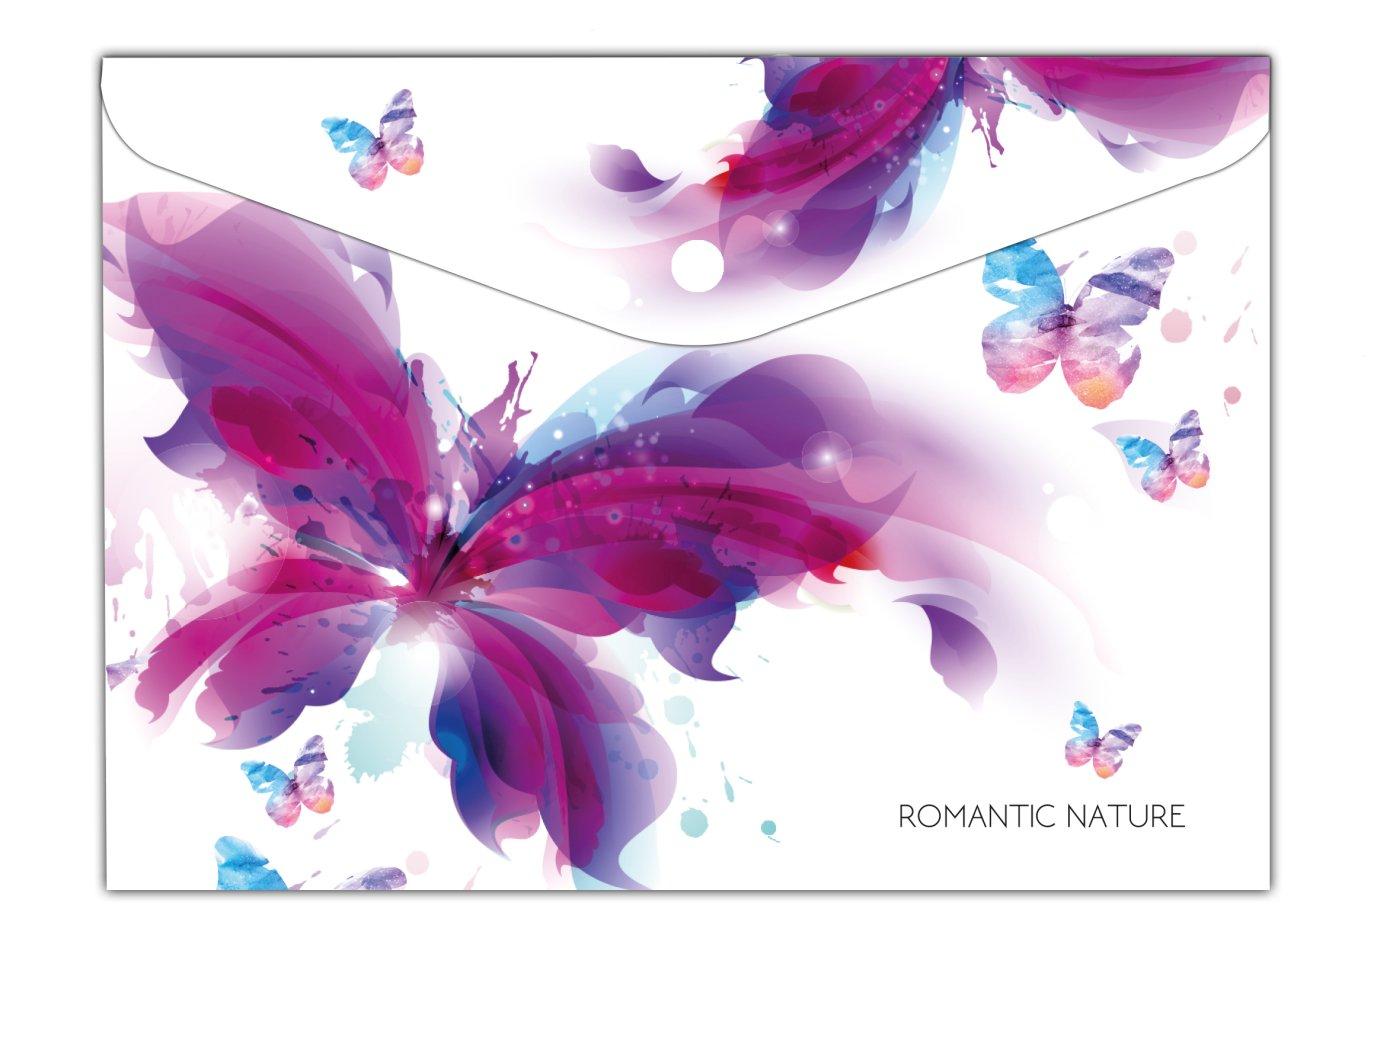 Plastový obal s drukem A4 - Romantic nature Motýl